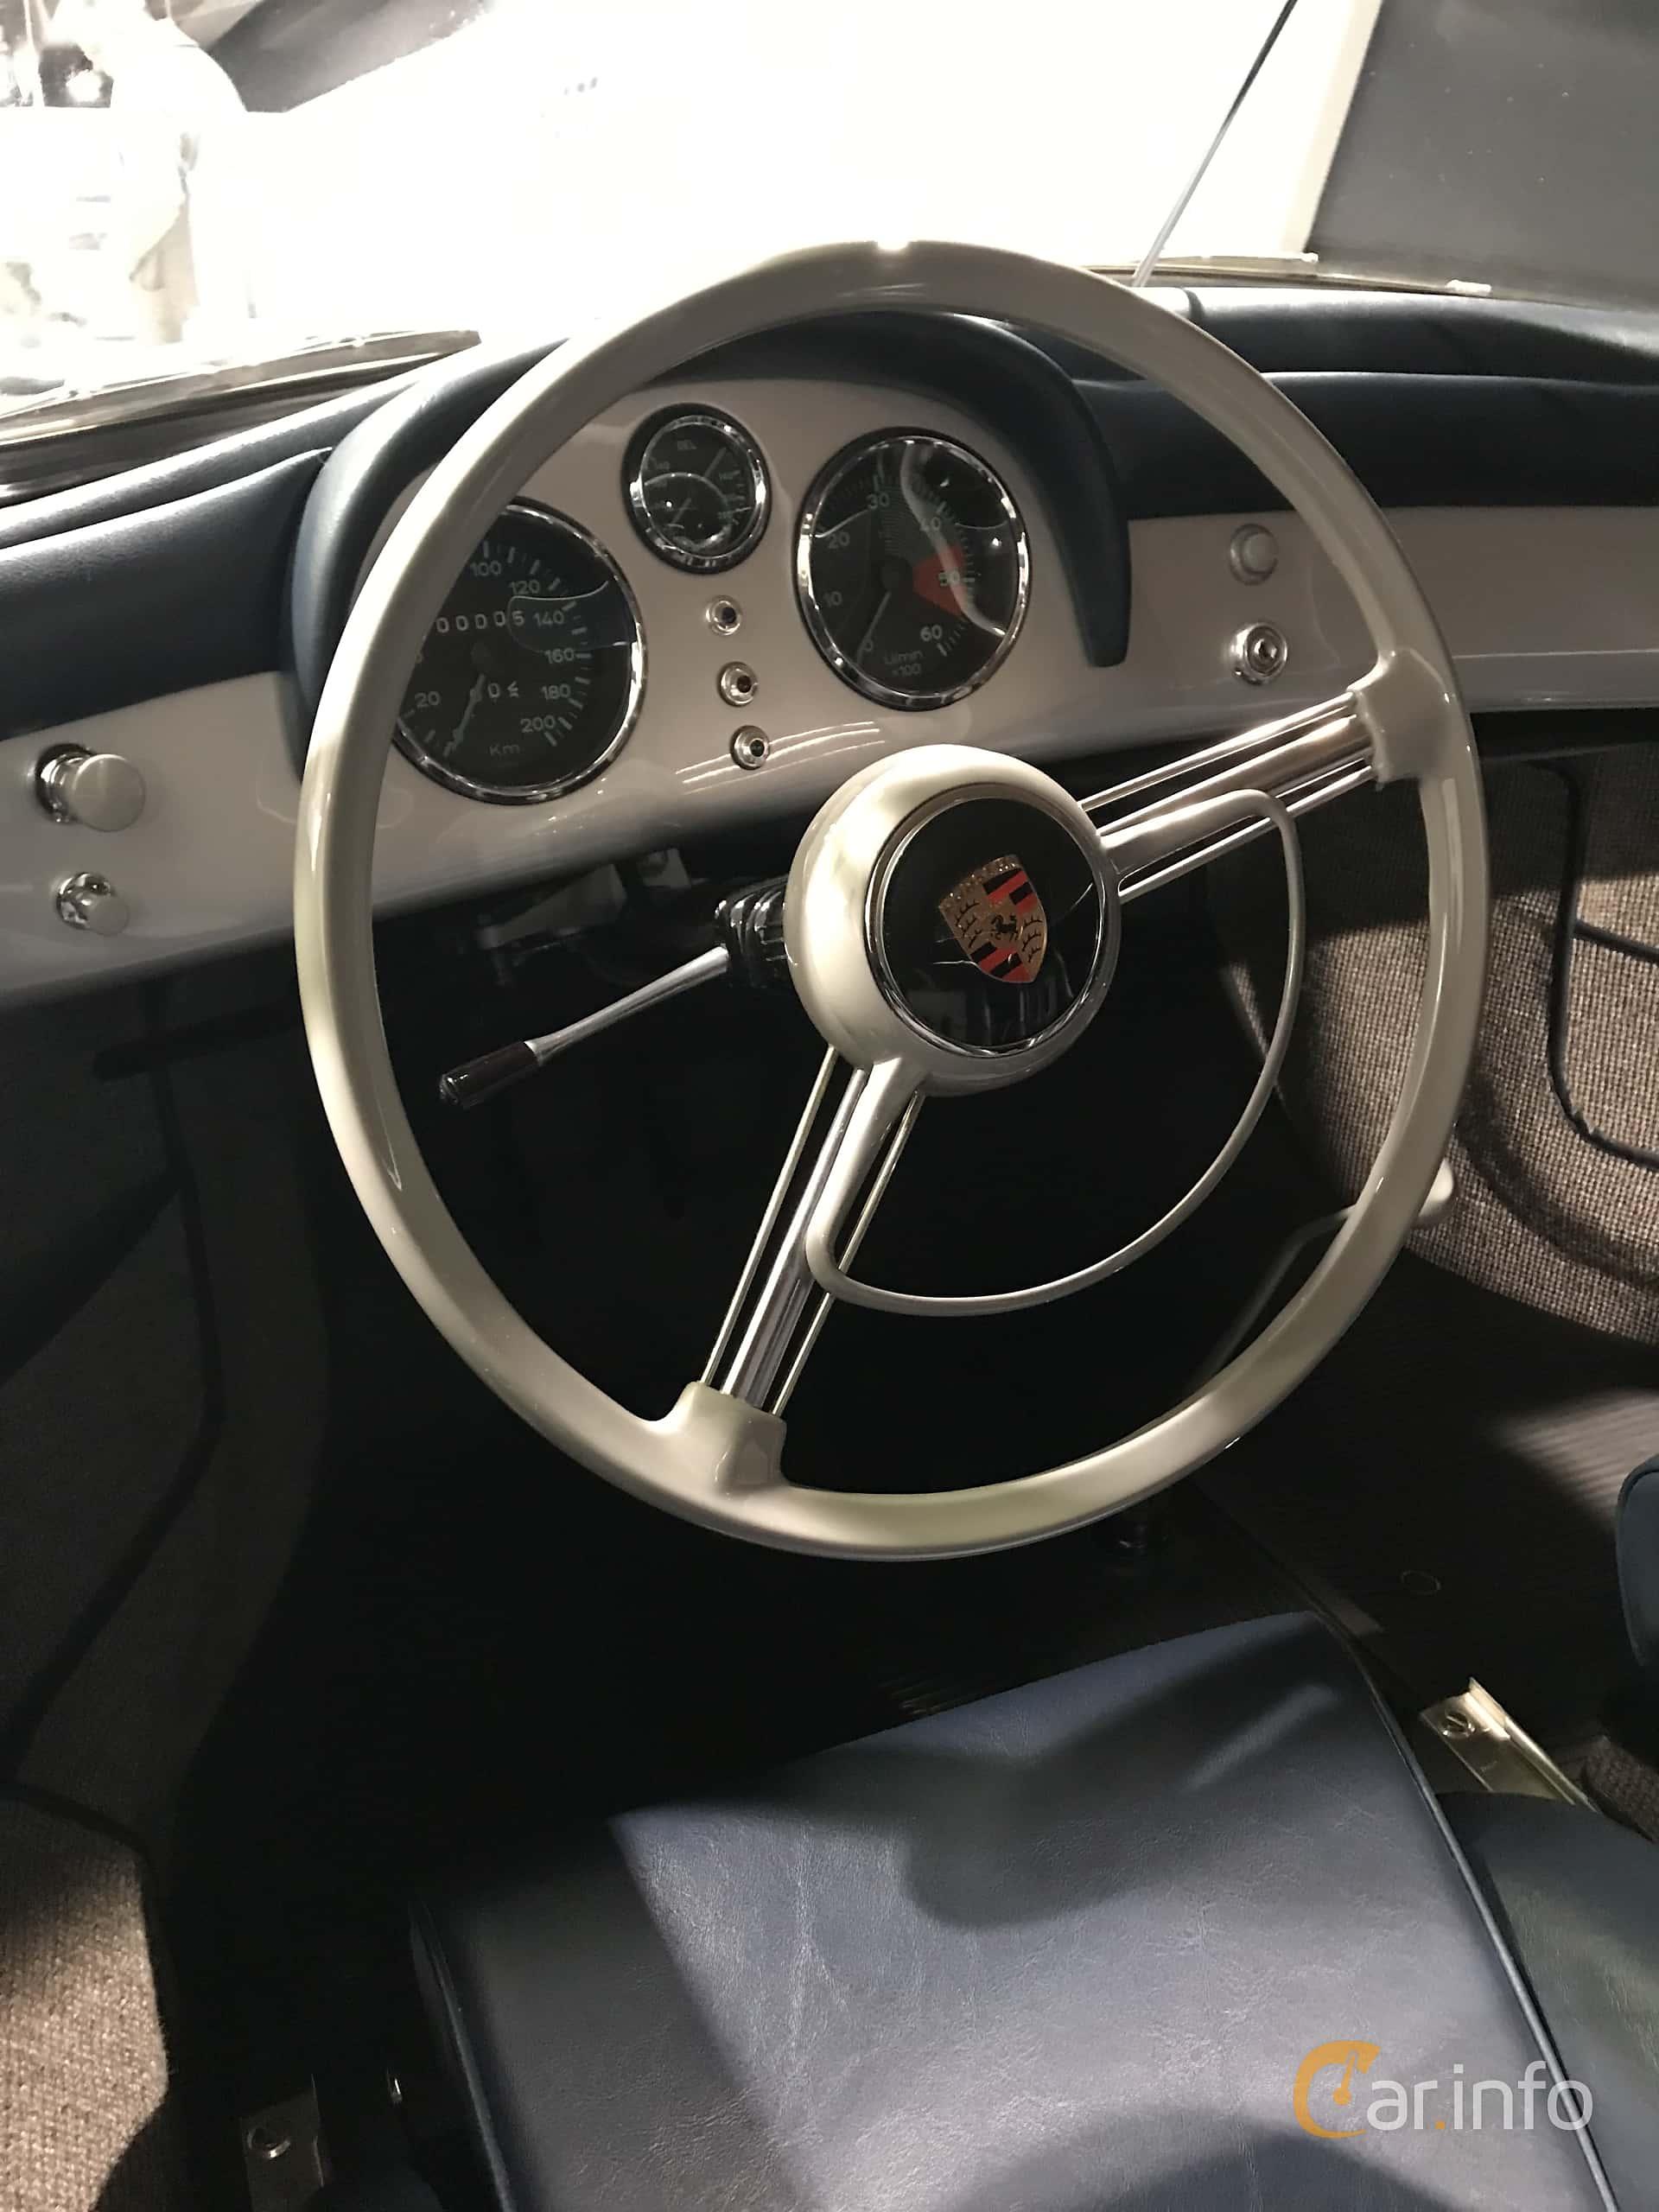 Porsche 356 1500 Speedster 1.5 Manual, 55hp, 1954